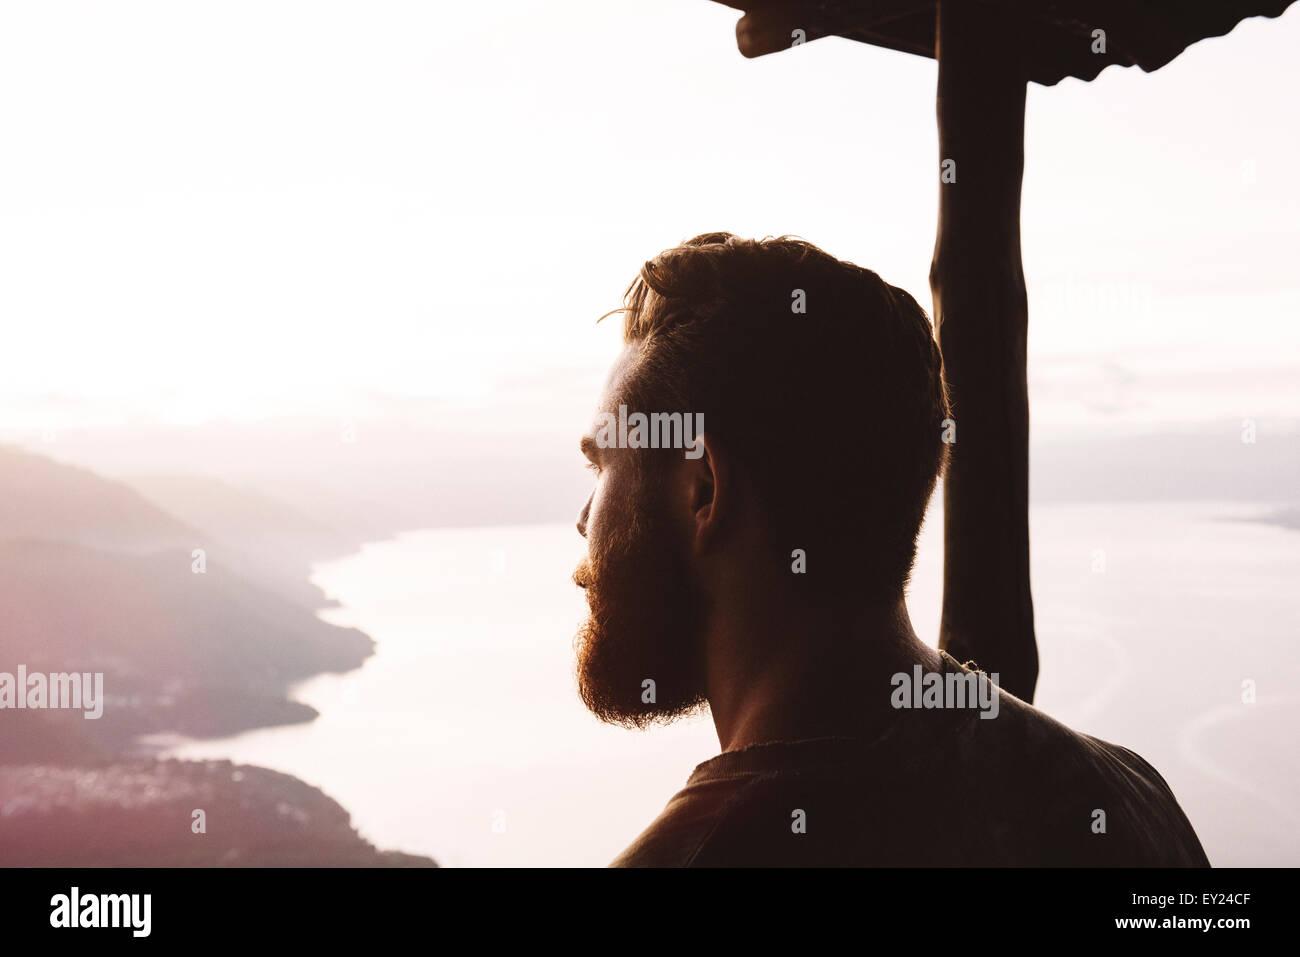 Man looking out from Indian Nose, Lake Atitlan, Guatemala - Stock Image